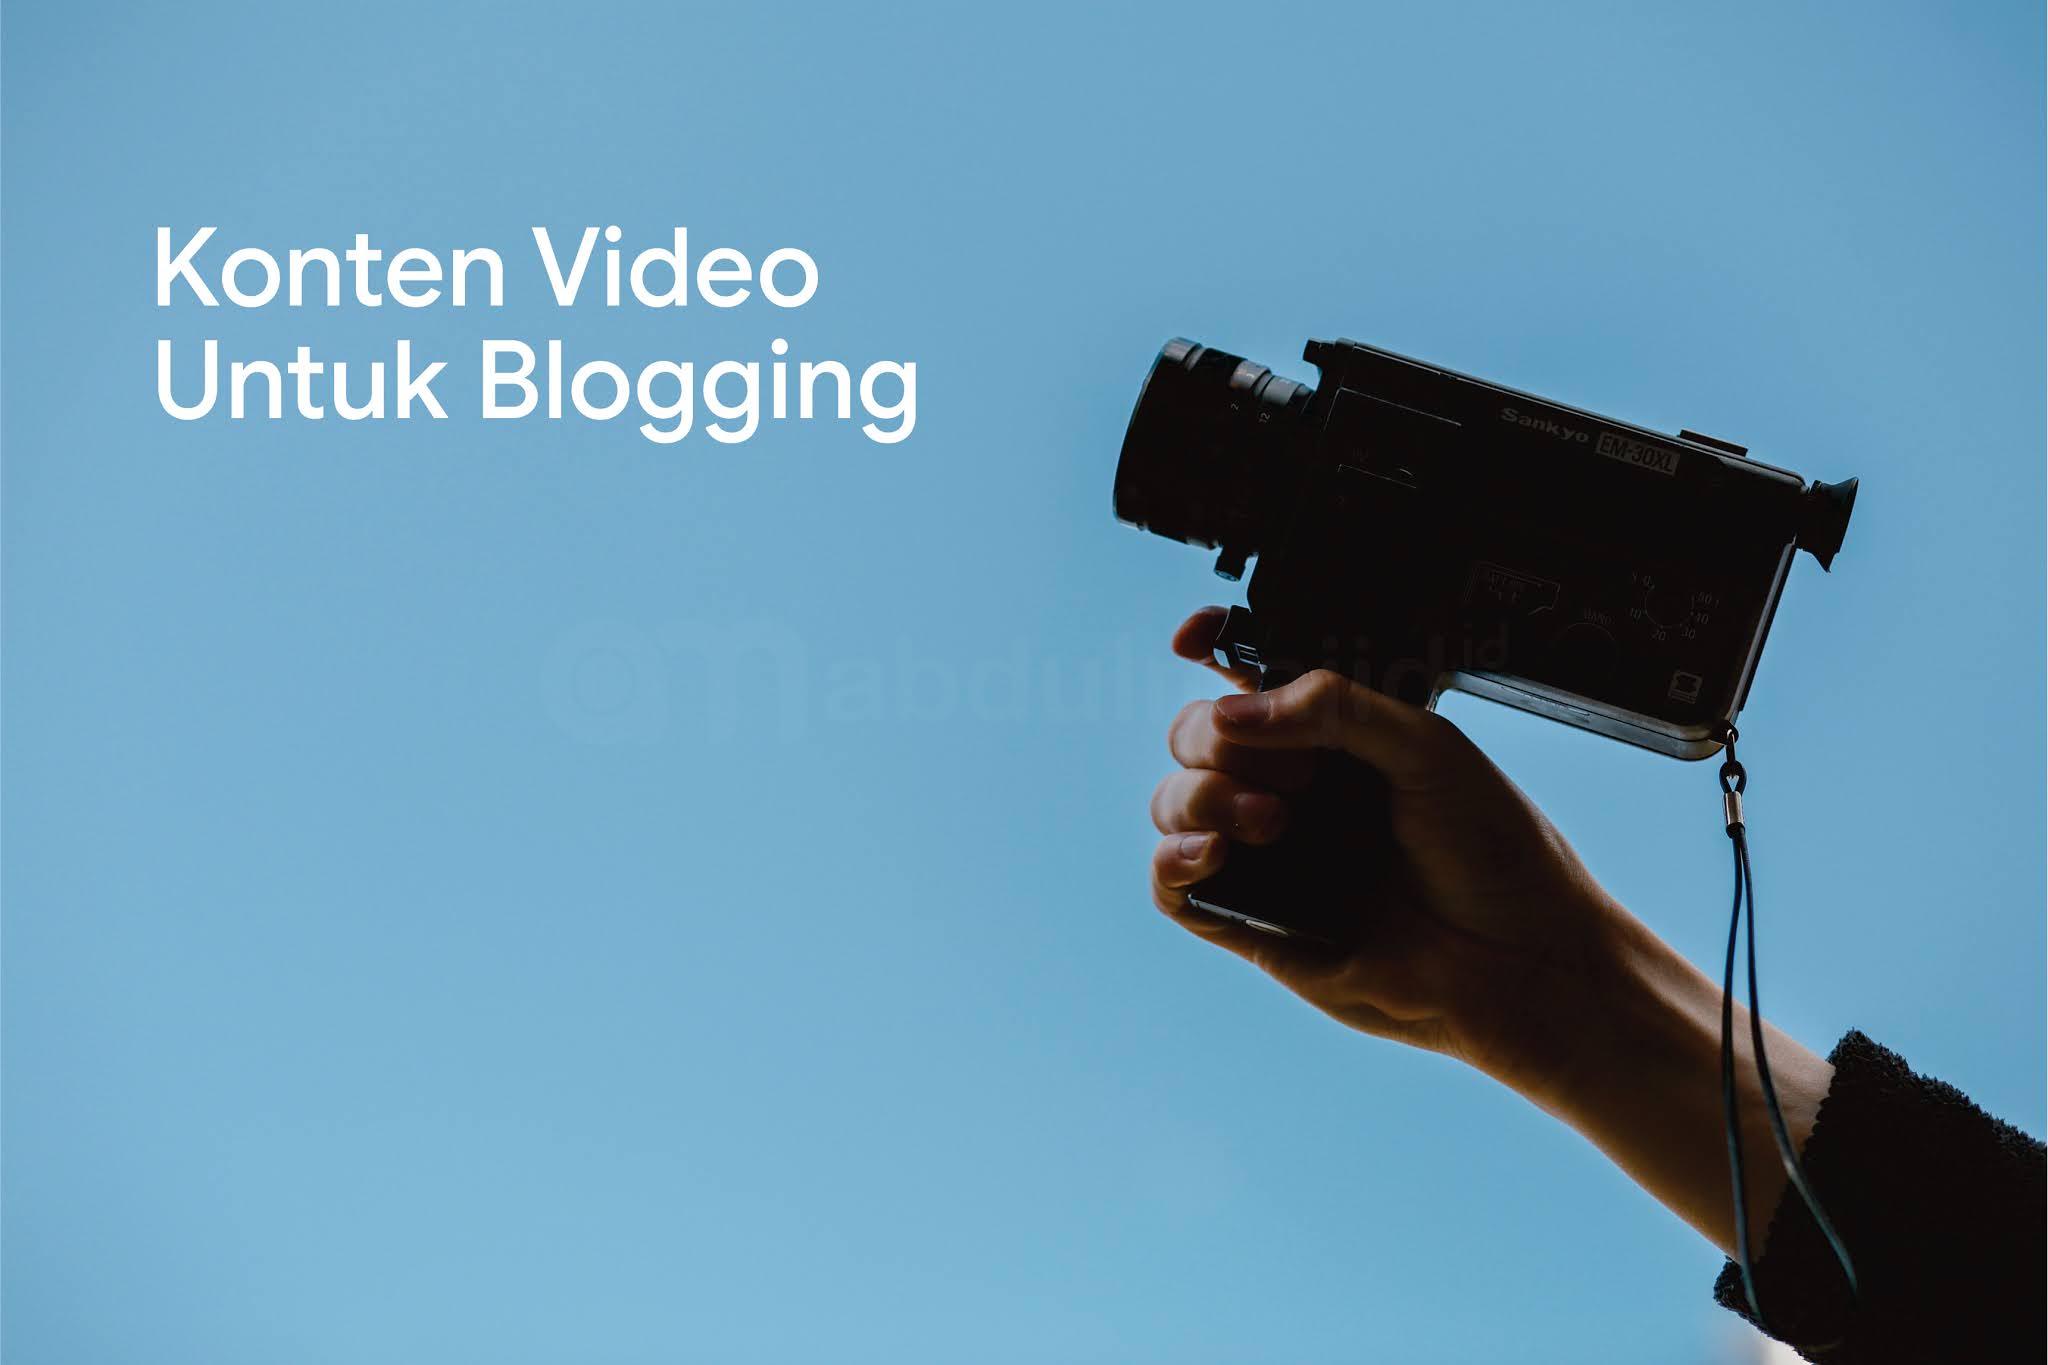 pentingnya-konten-video-untuk-blogging